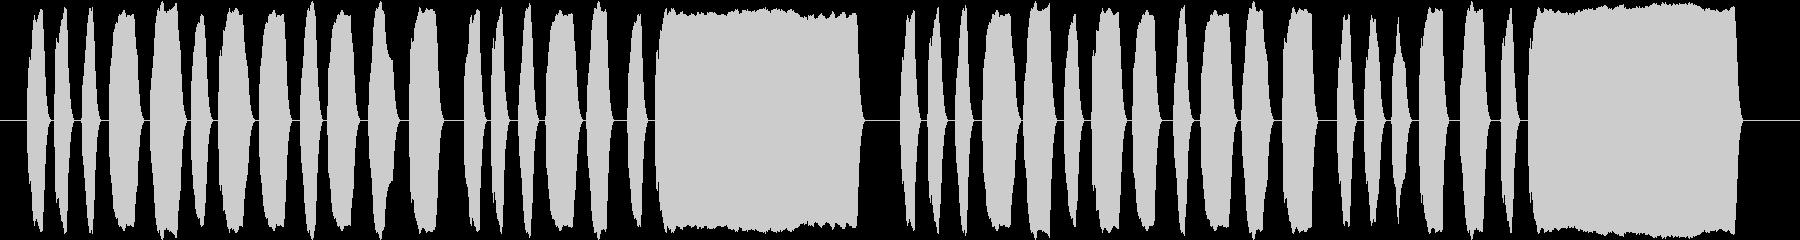 素材 リコーダー 楽しい ノリノリの未再生の波形